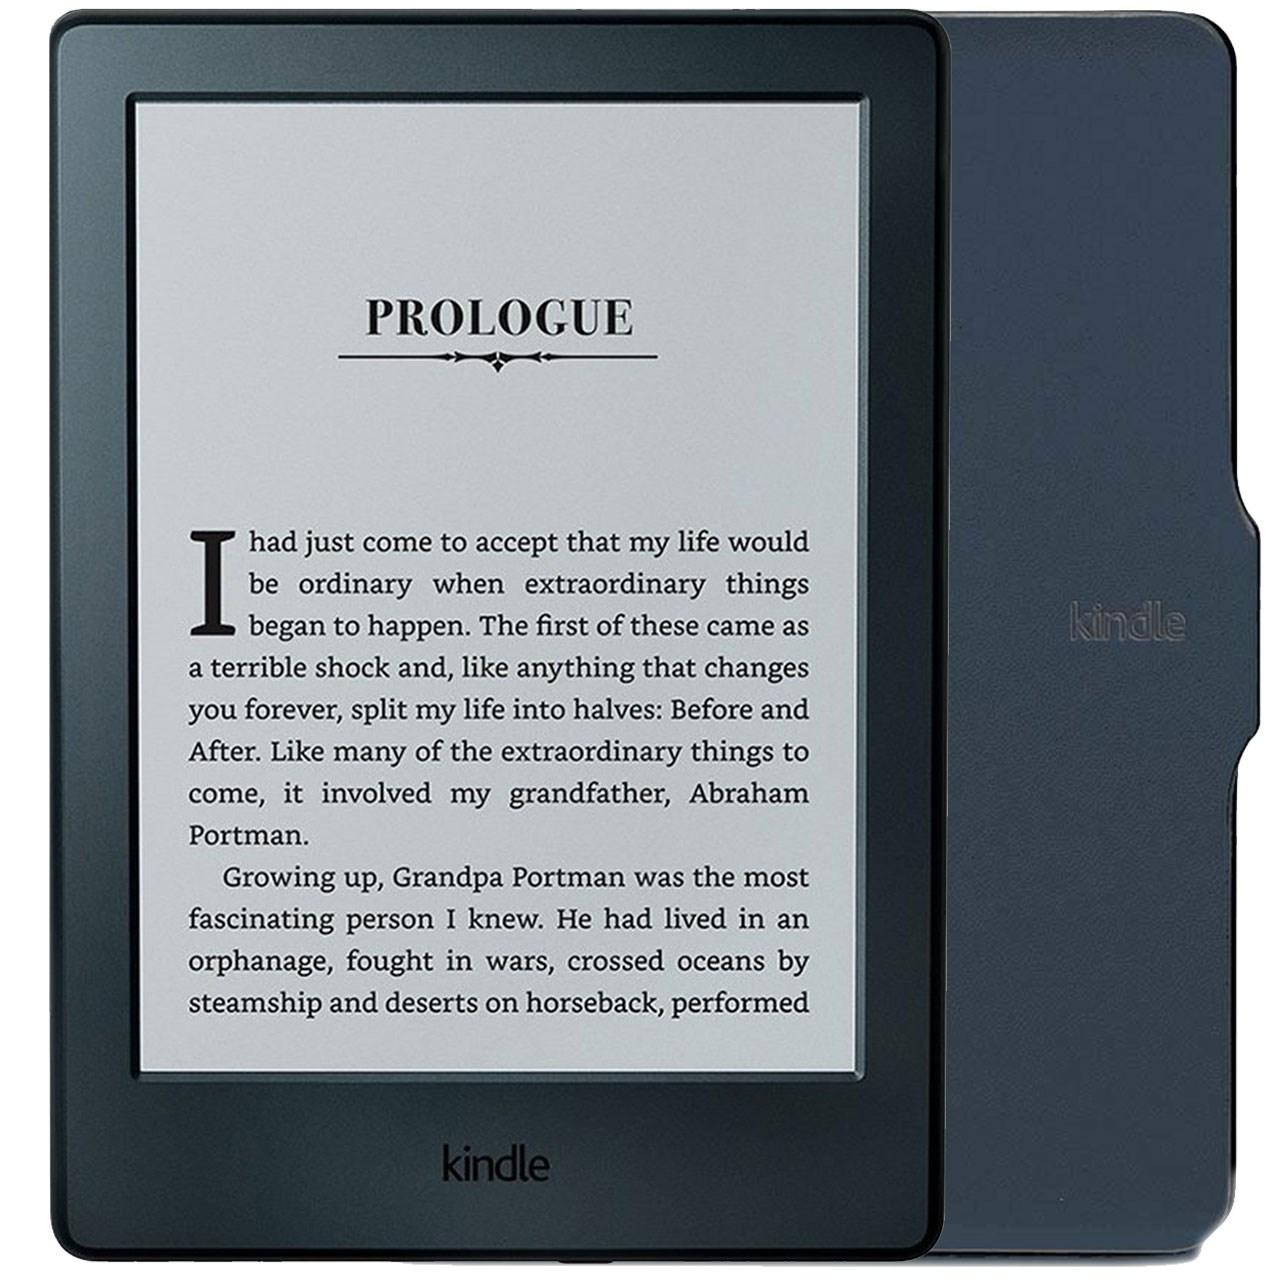 کتابخوان آمازون مدل Kindle نسل هشتم همراه با کاور - ظرفیت 4 گیگابایت